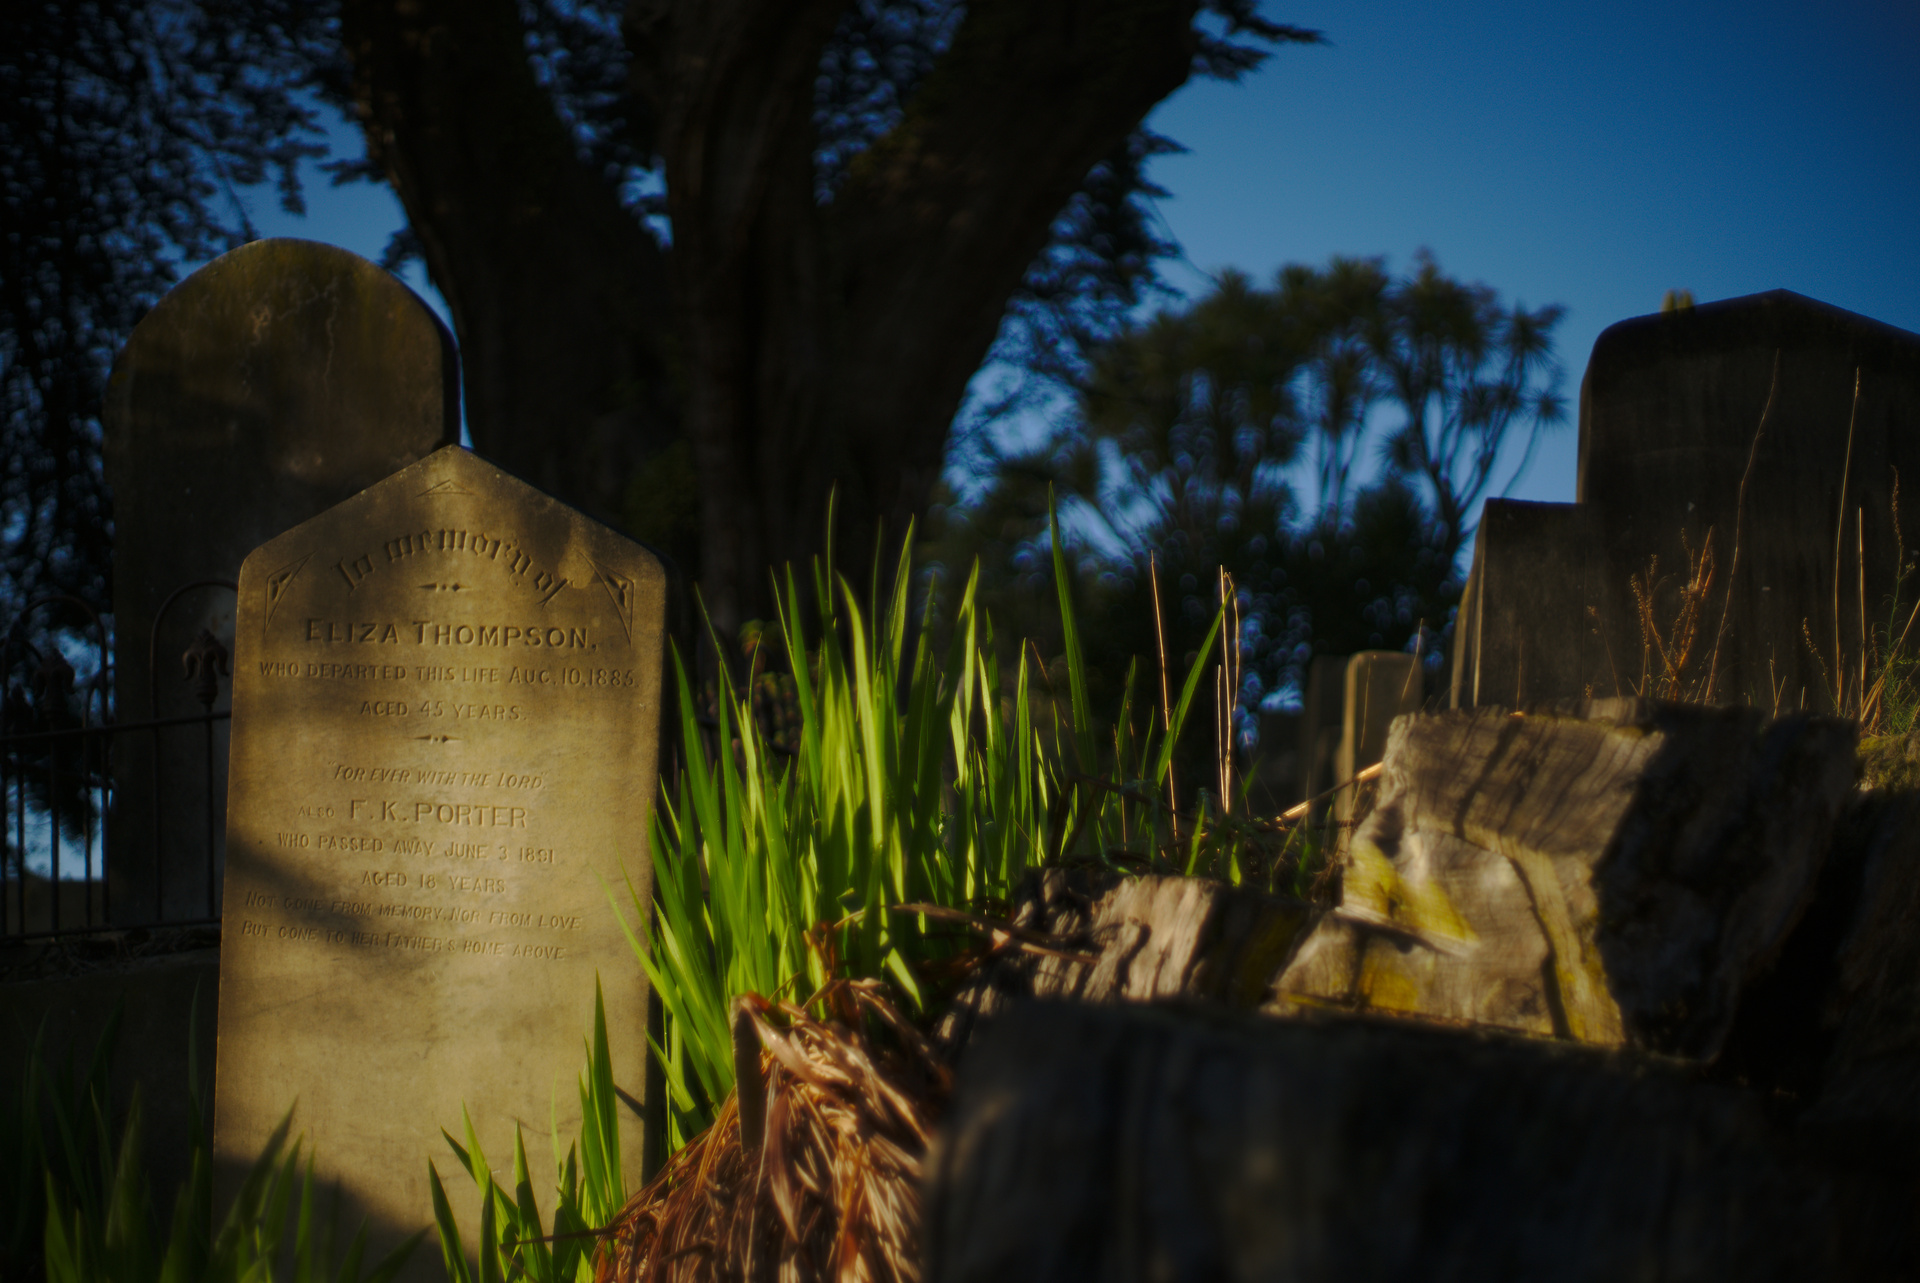 Bolton St Cemetery, Wellington. f/1.4